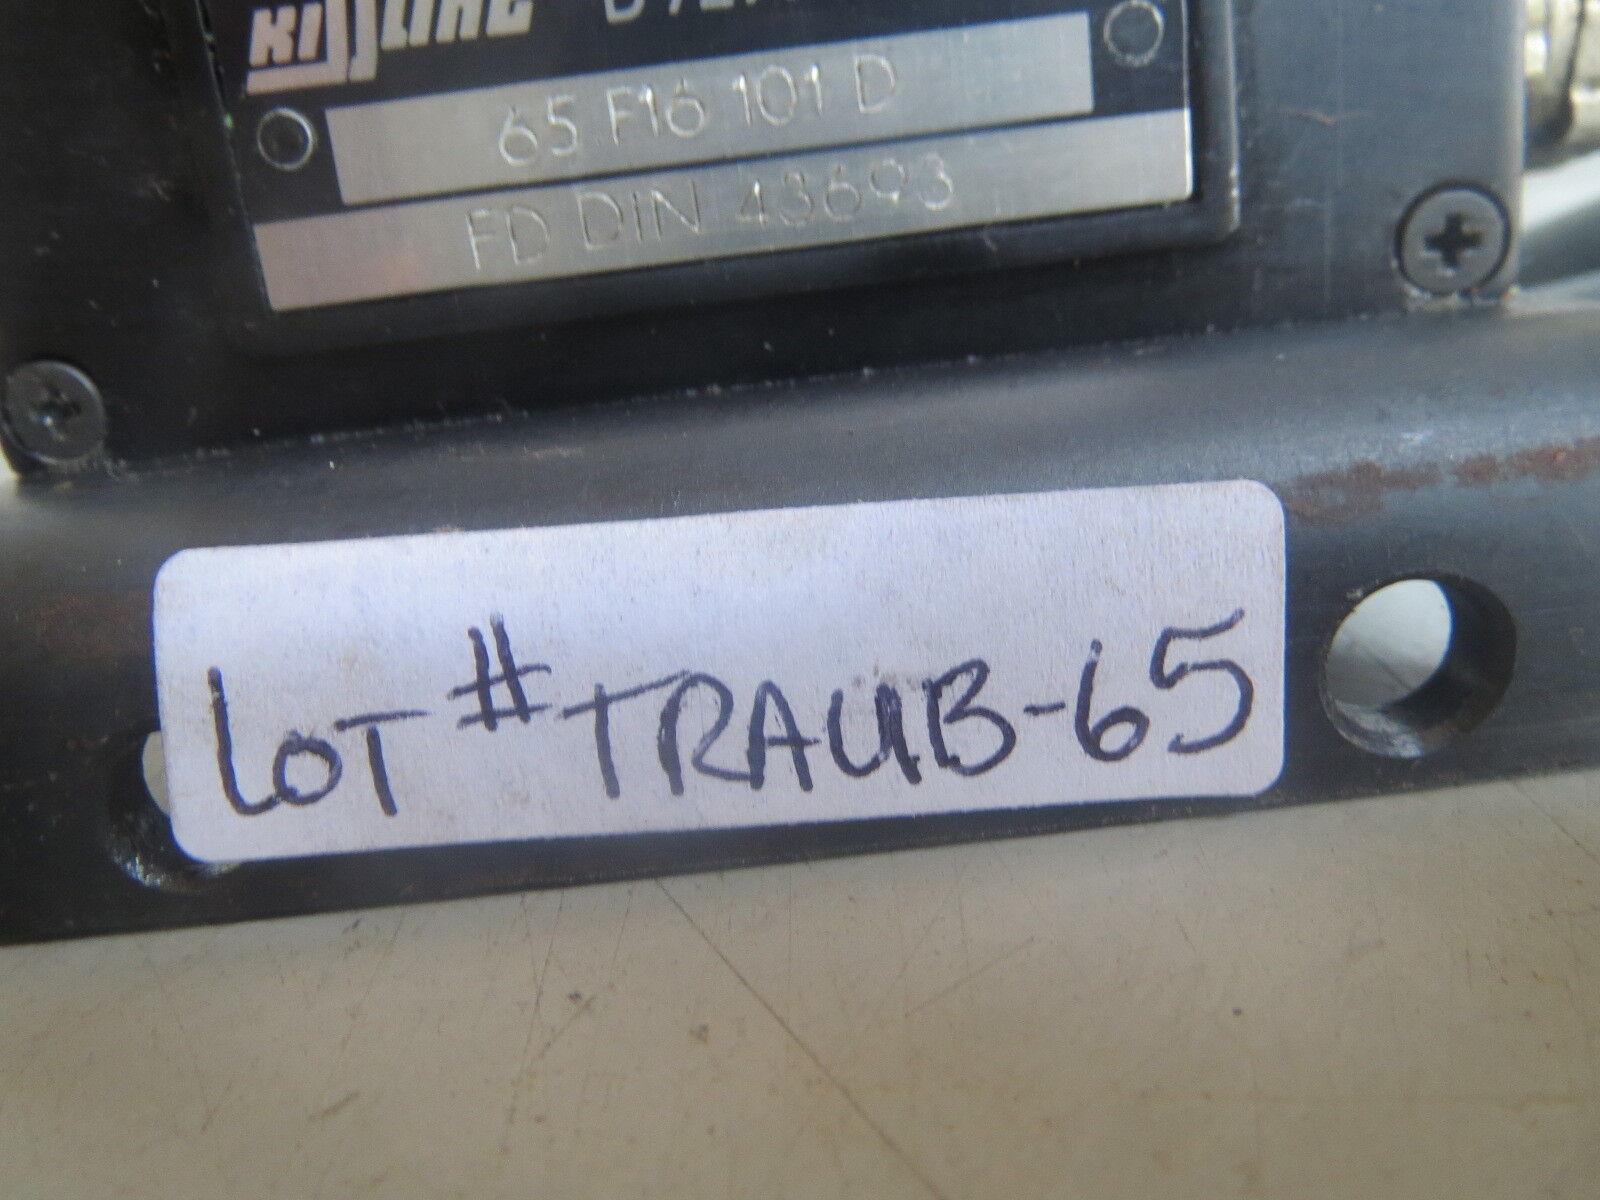 TRAUB KISSLING LIMIT SWITCH D7277 WILDBERG 5 65 F16 101 D LOT# TRAUB-51 REMI